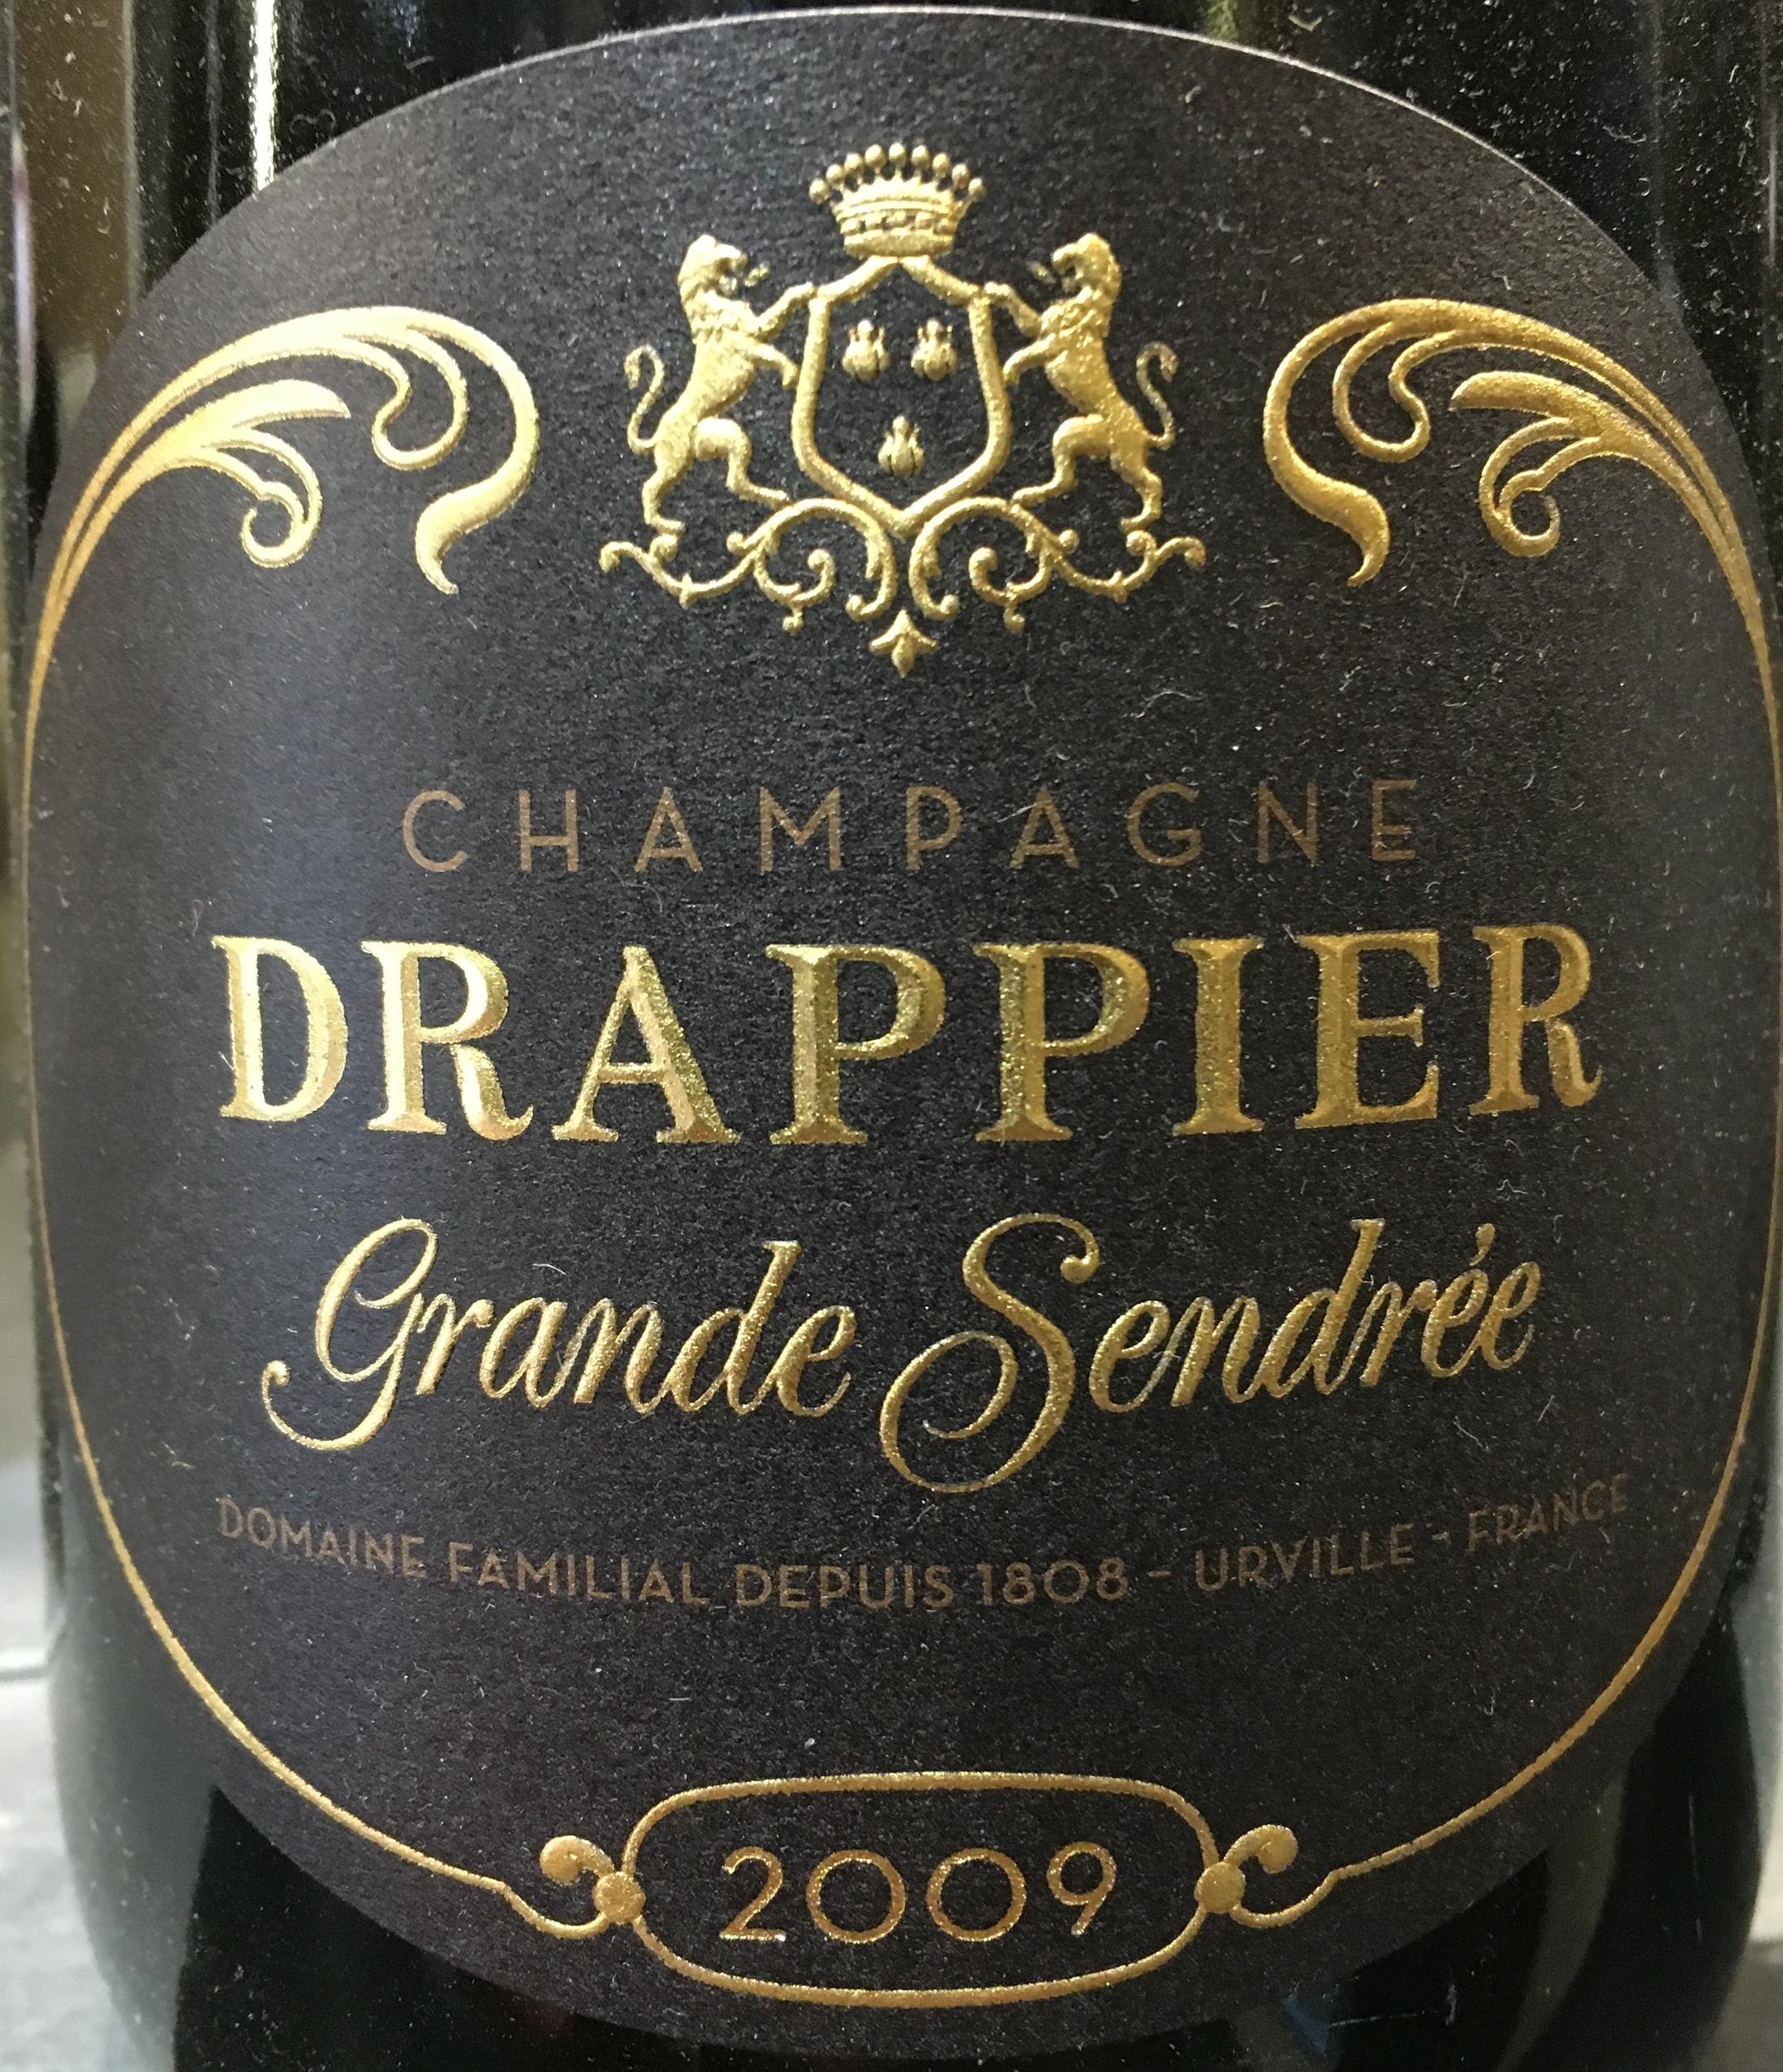 Drappier Grande Sendrée 2009